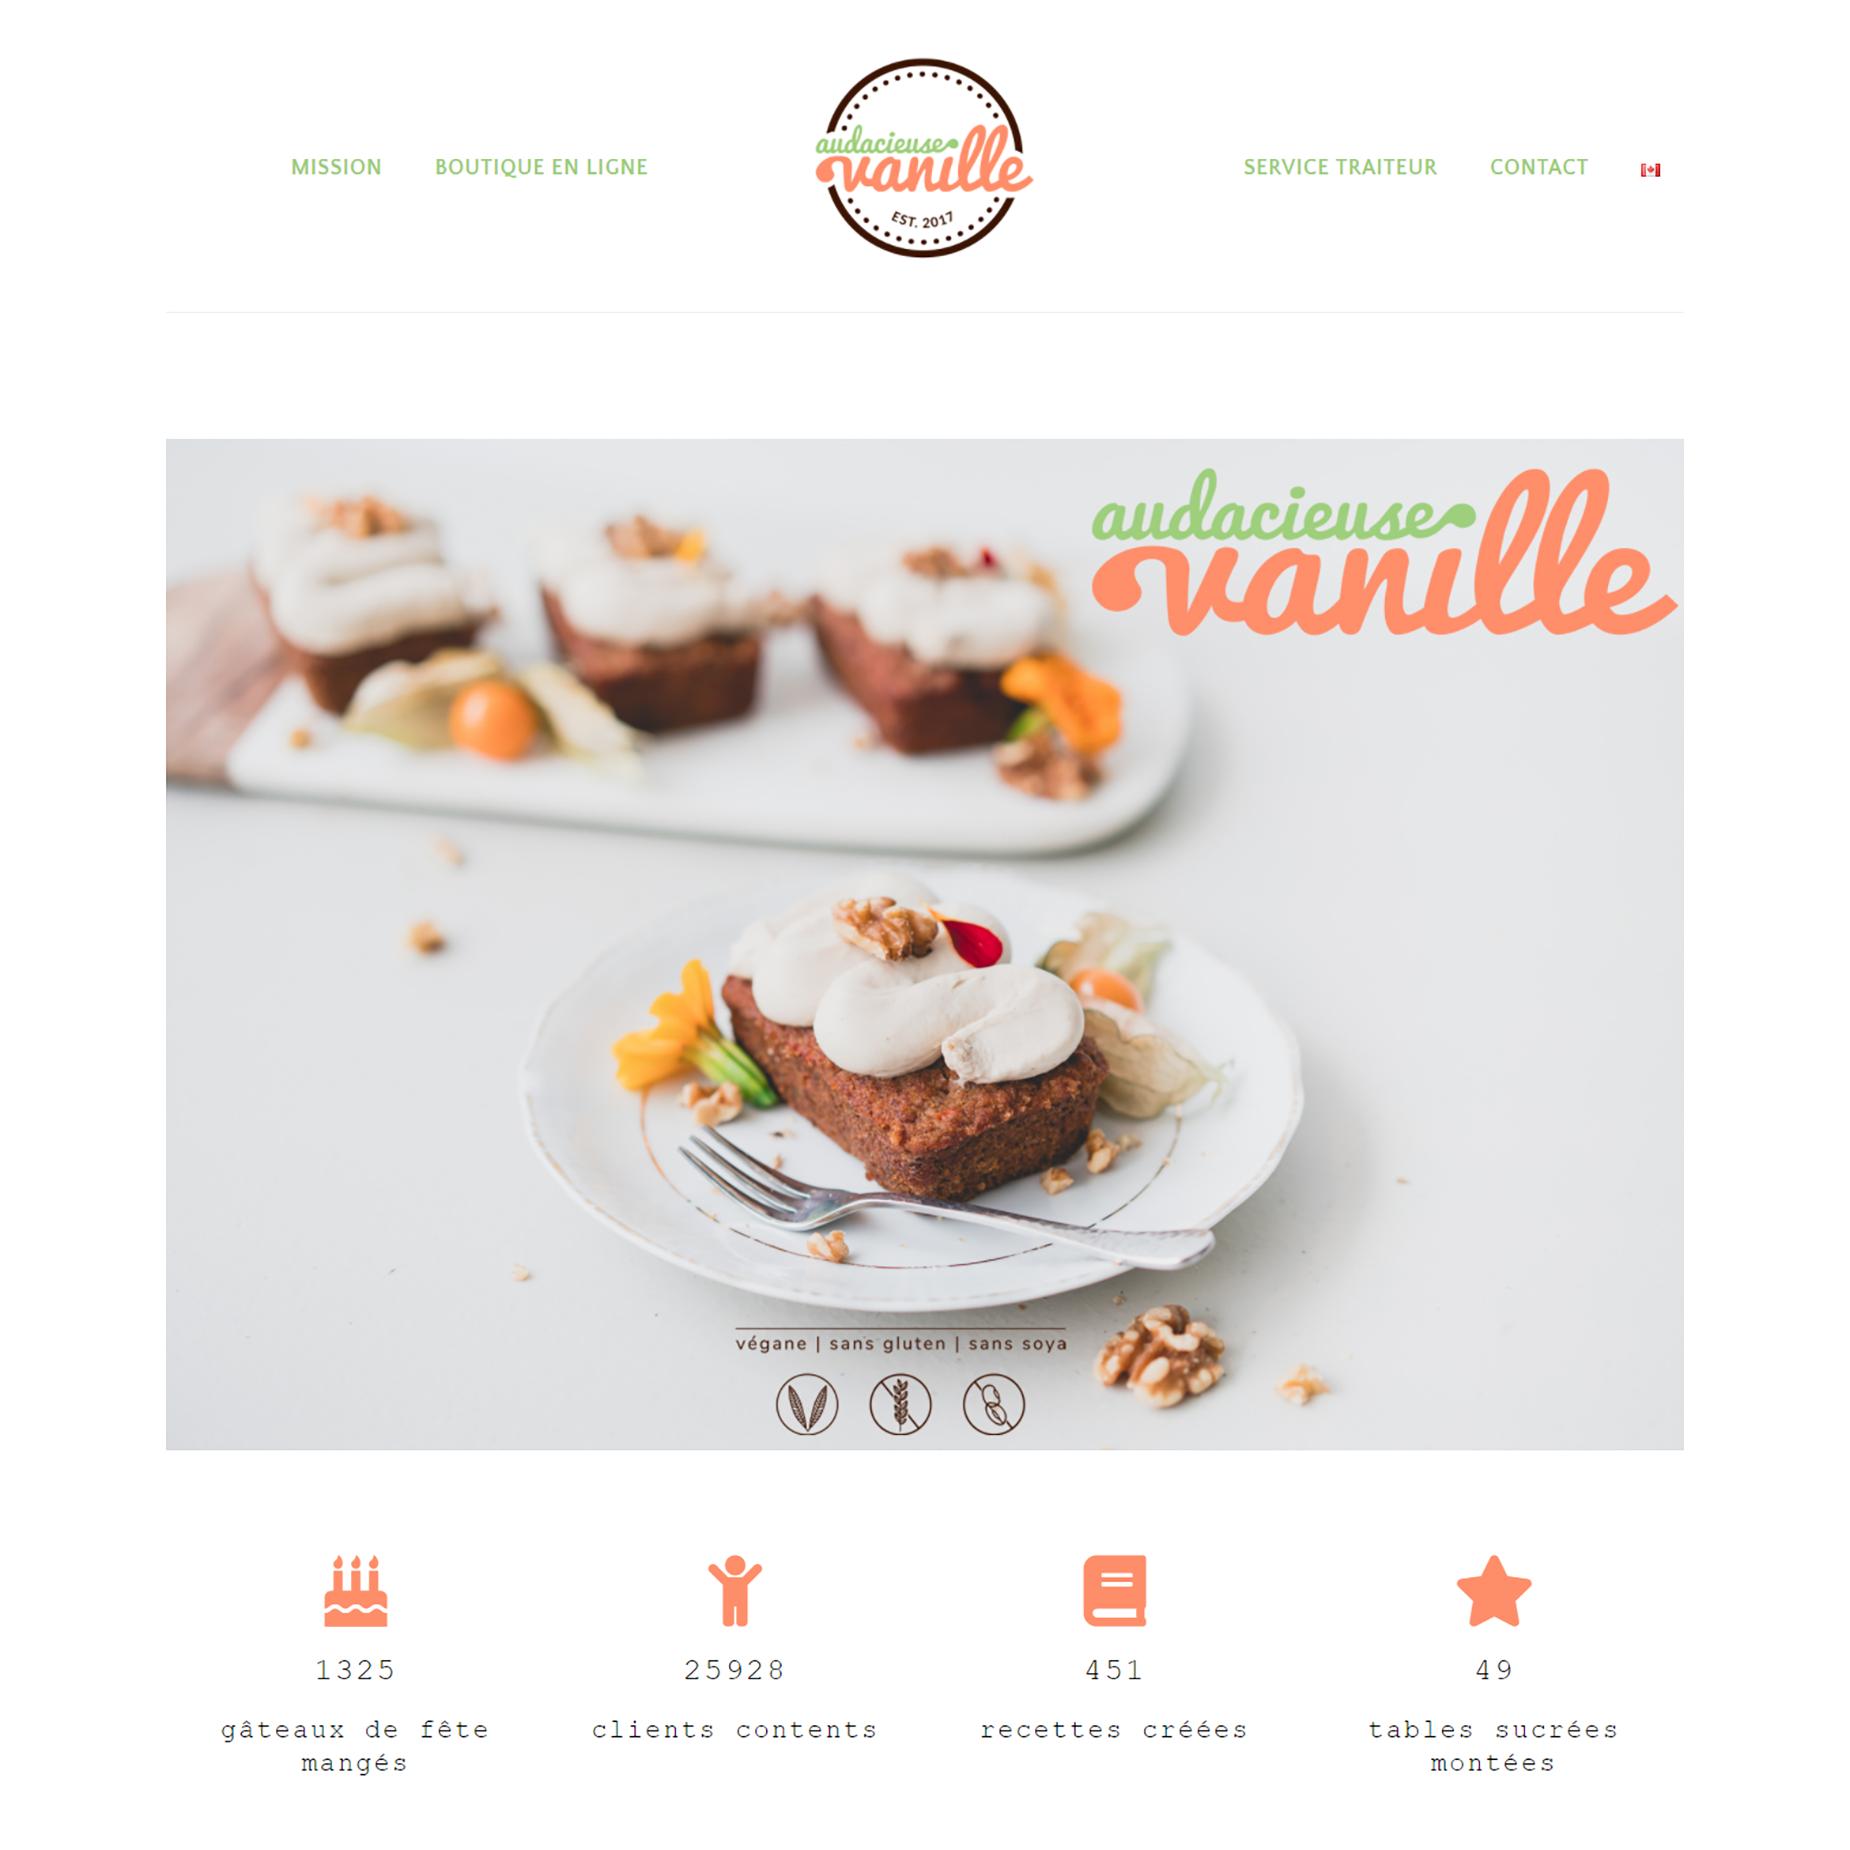 Page d'accueil d'Audacieuse Vanille pour le portfolio de Fais ta marque